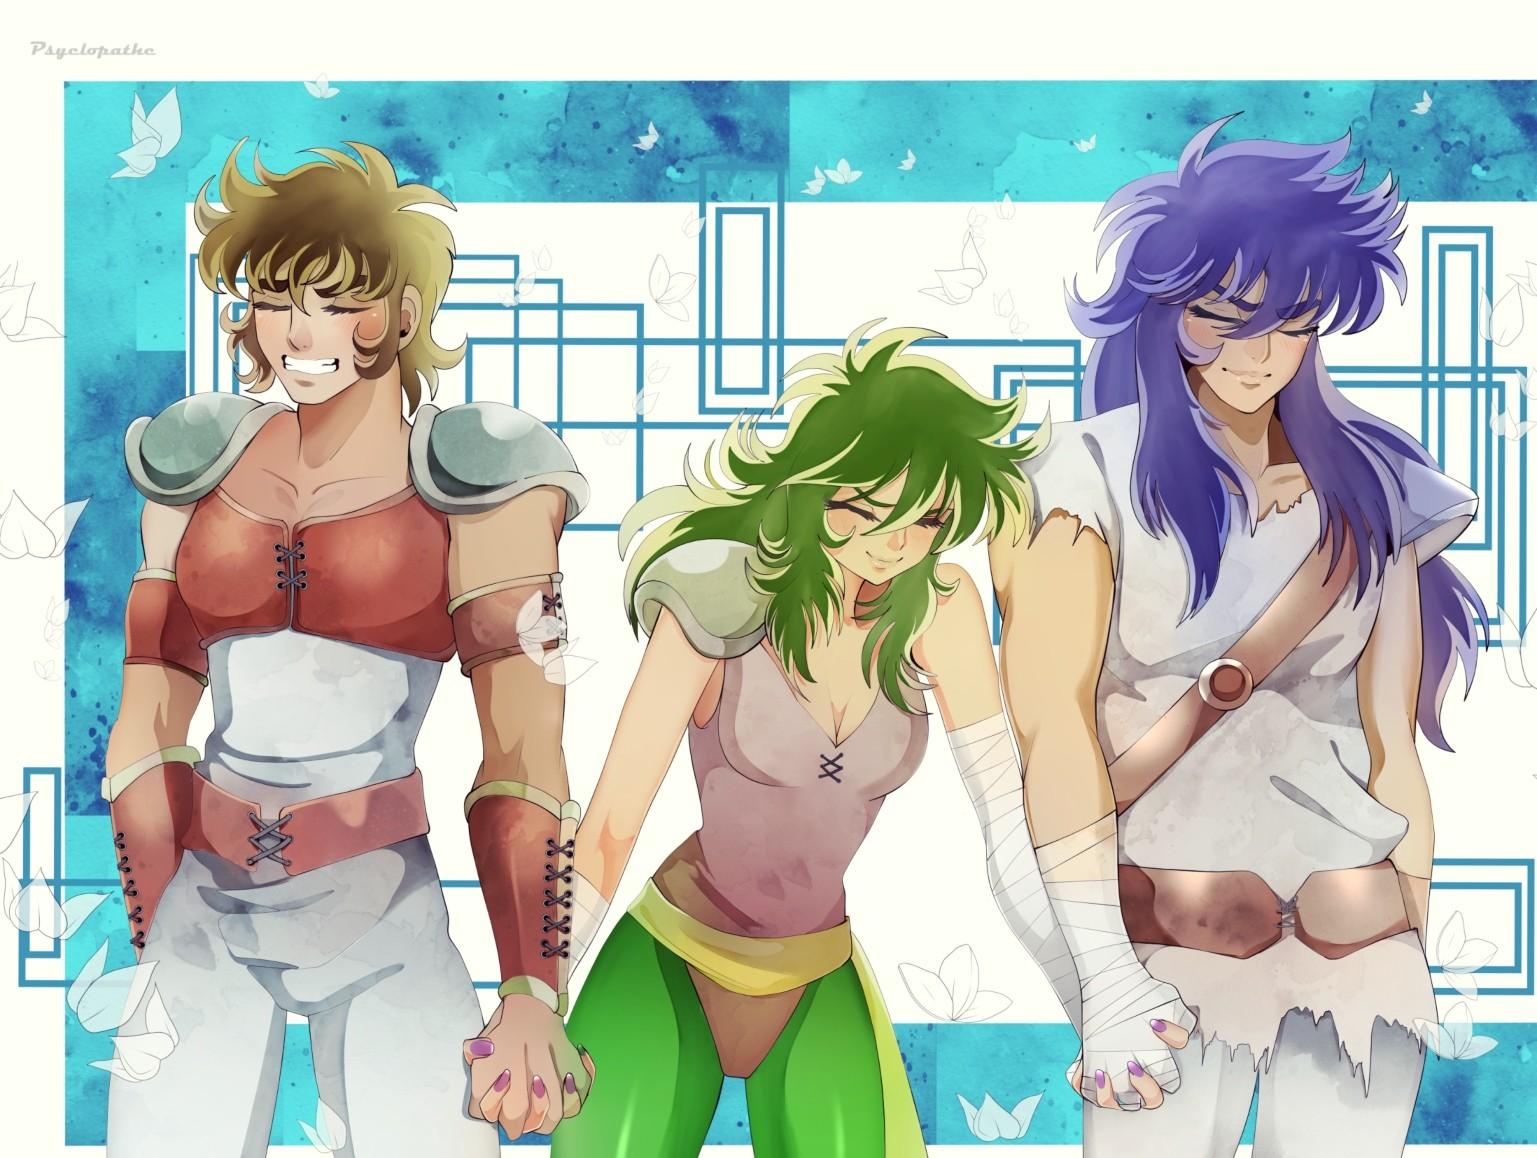 Aiolia, Shaina and Milo